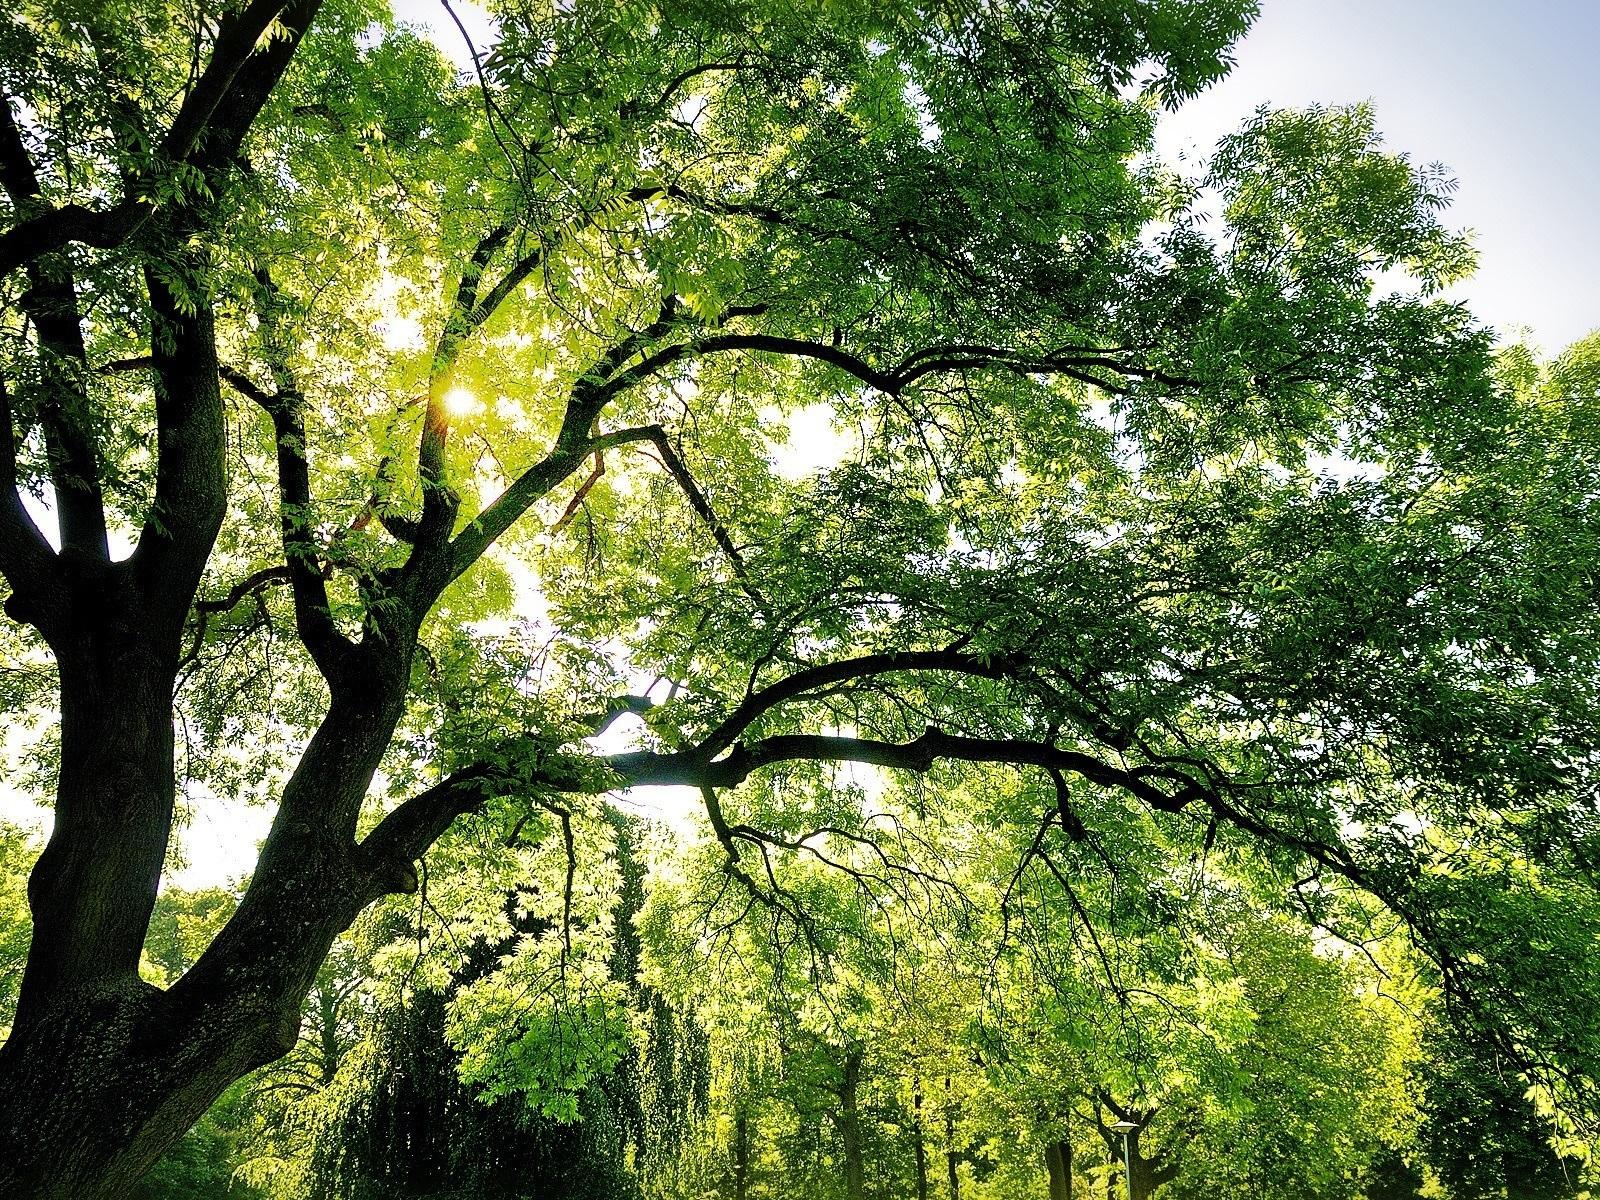 деревья природа ветка trees nature branch  № 439598 бесплатно